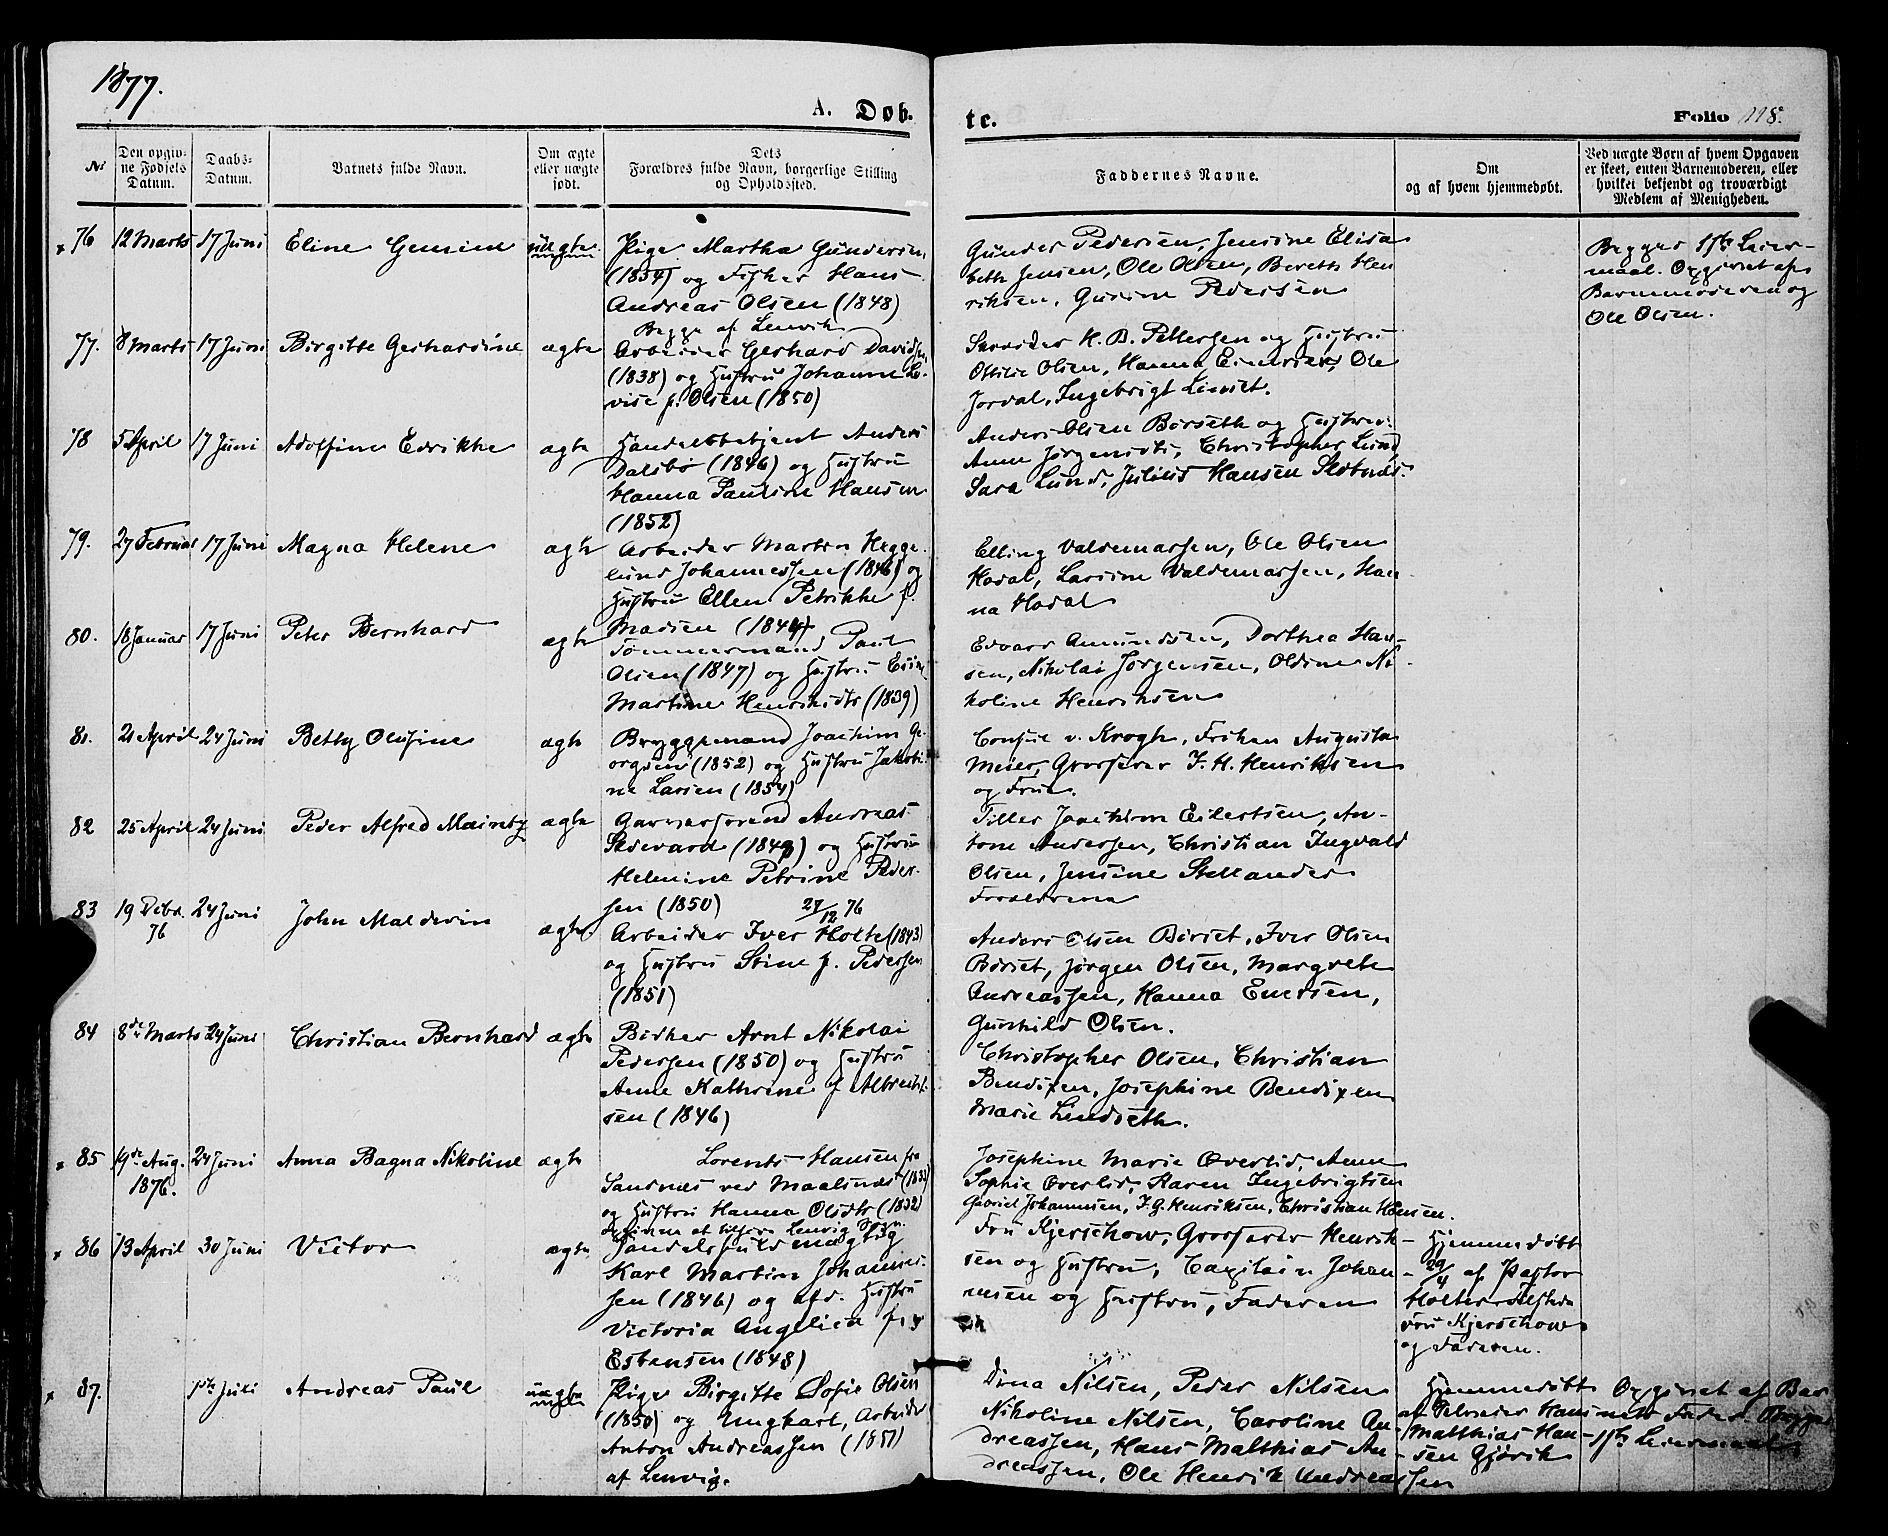 SATØ, Tromsø sokneprestkontor/stiftsprosti/domprosti, G/Ga/L0013kirke: Ministerialbok nr. 13, 1872-1877, s. 118